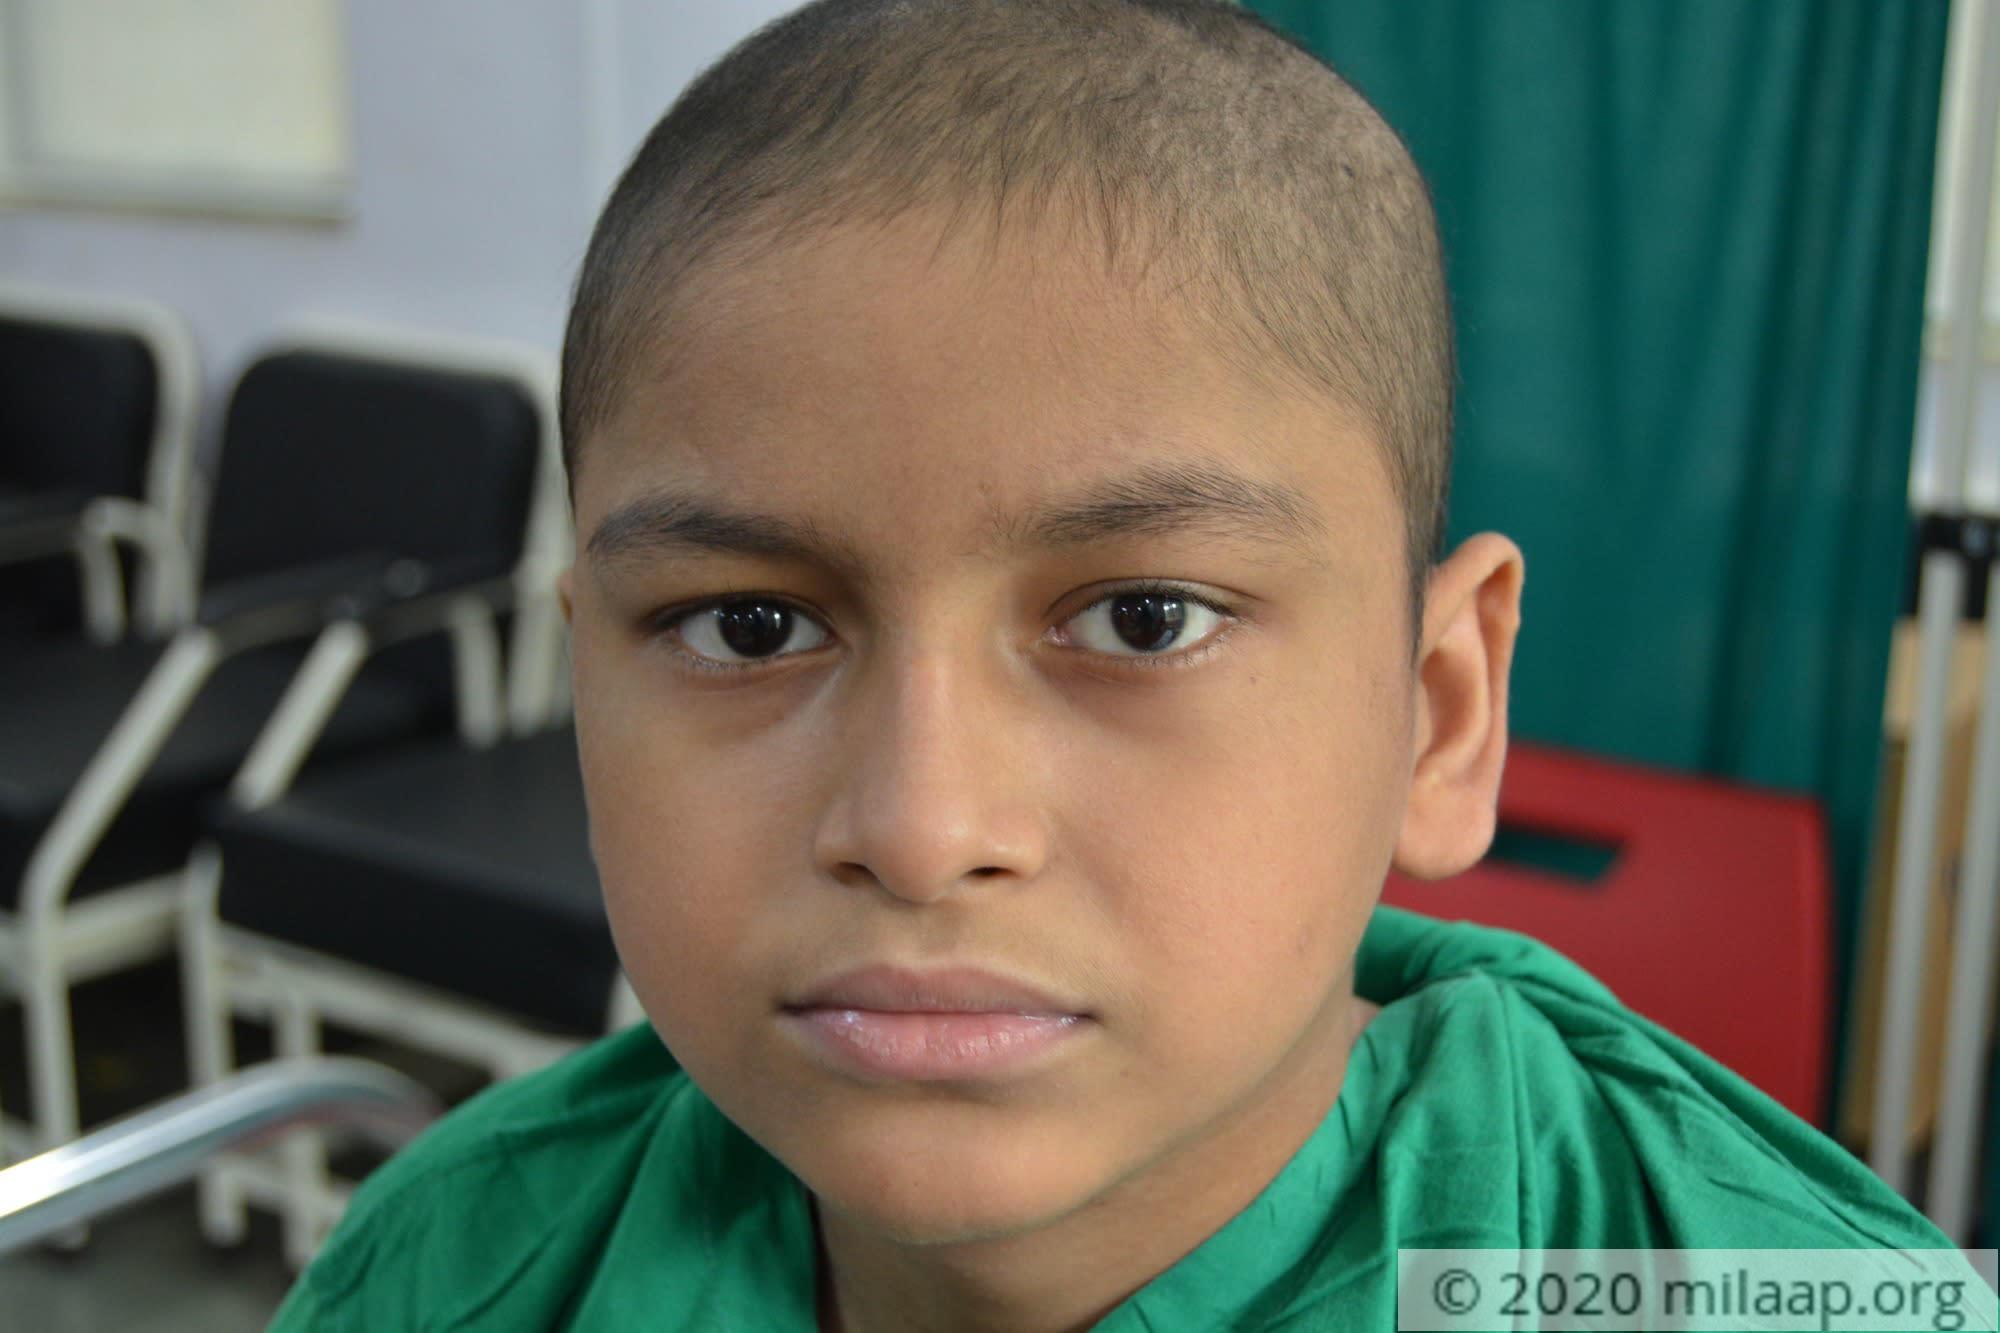 Jayadrath mcgm borivali 11 vz01v5 1569953252